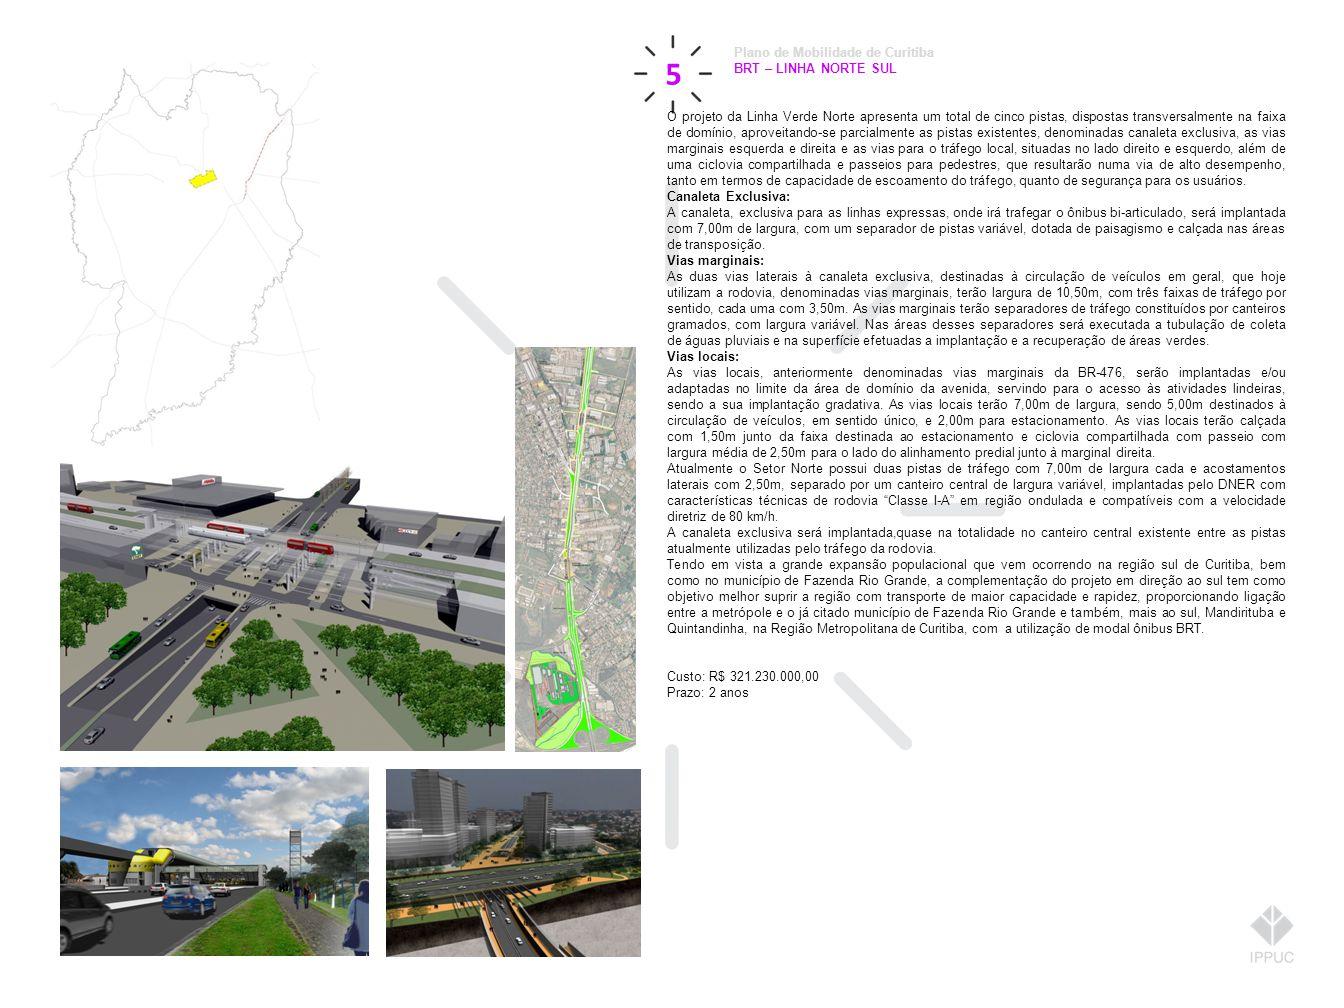 5 Plano de Mobilidade de Curitiba BRT – LINHA NORTE SUL